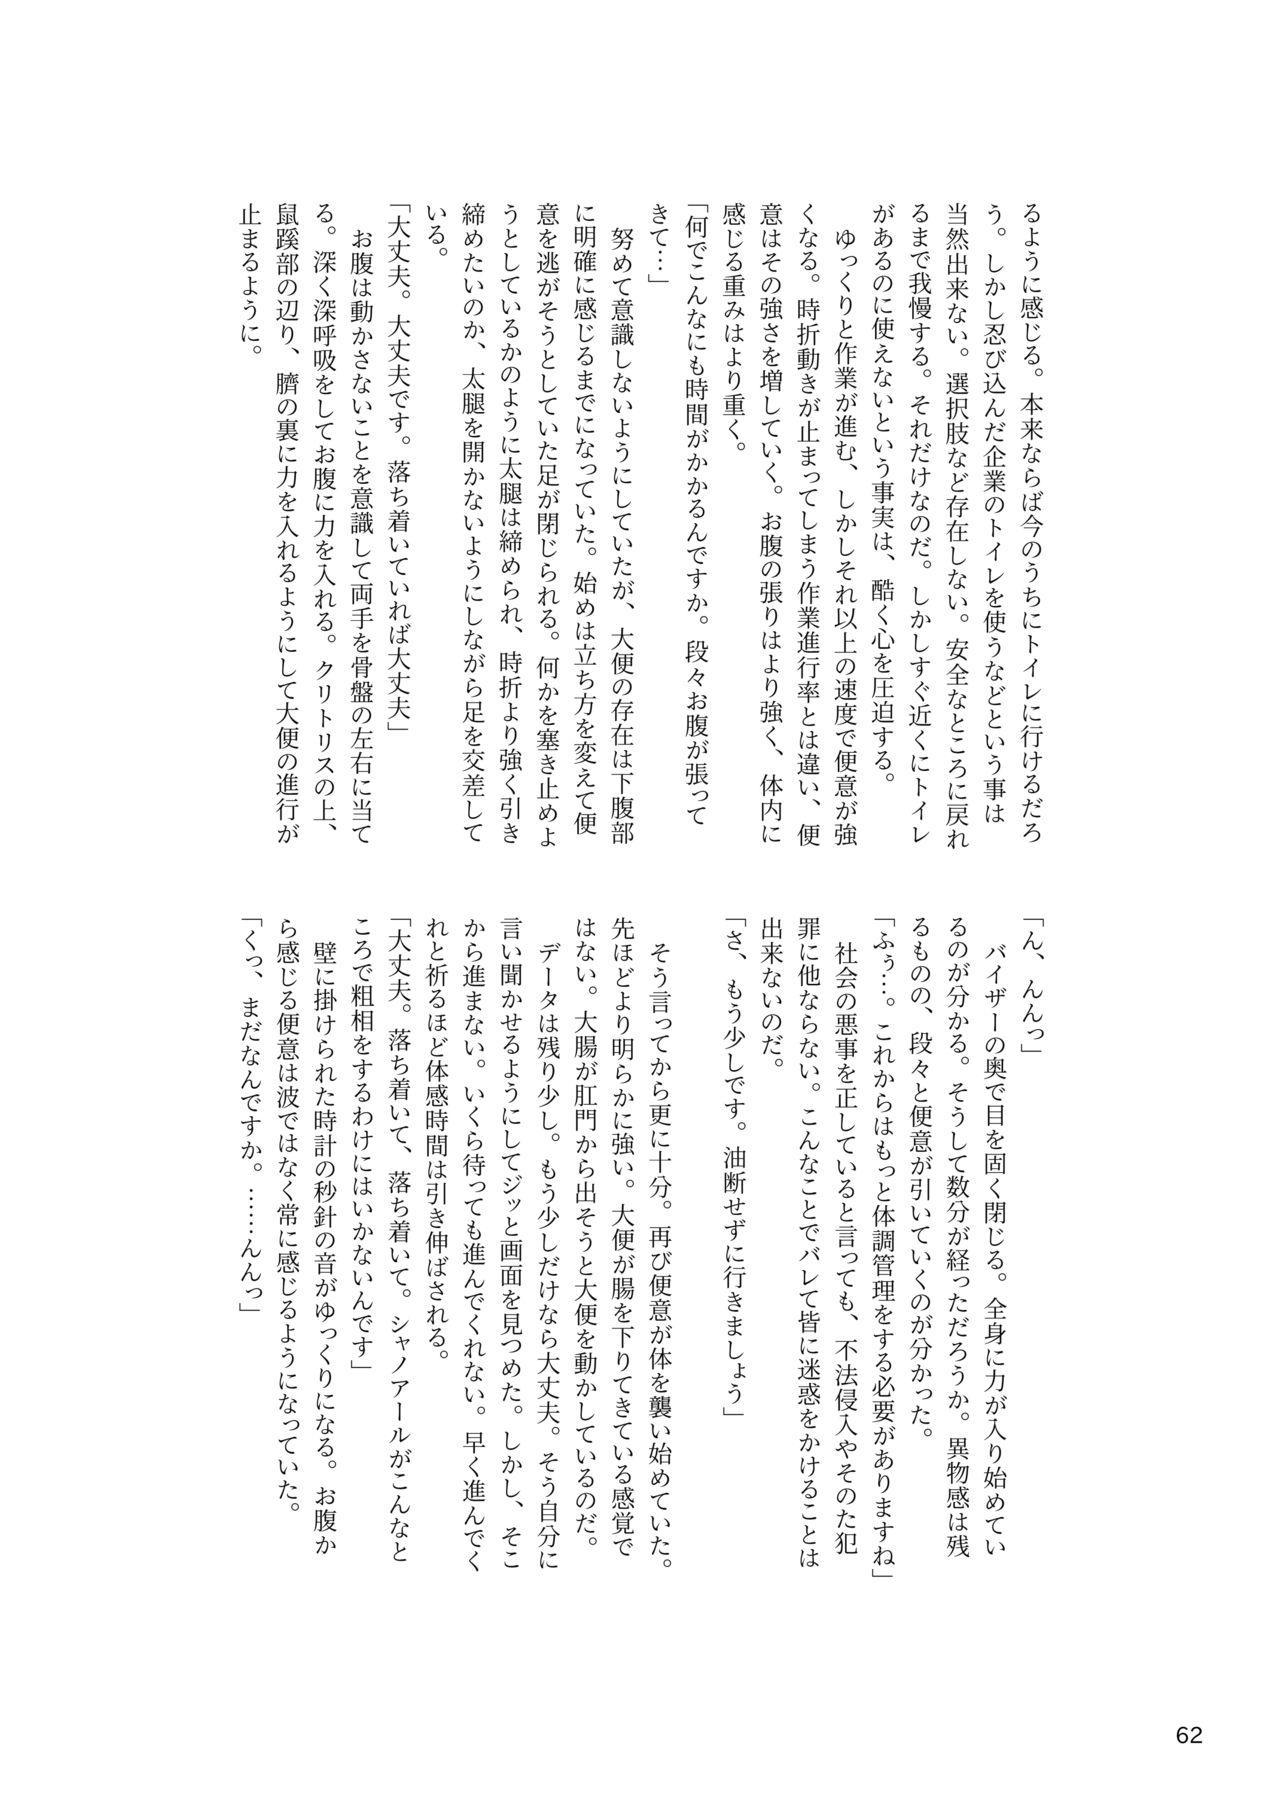 ア○スギア総合スカトロアンソロジー アクトレス排泄実態調査任務~スカポためるっすか!?~ 61